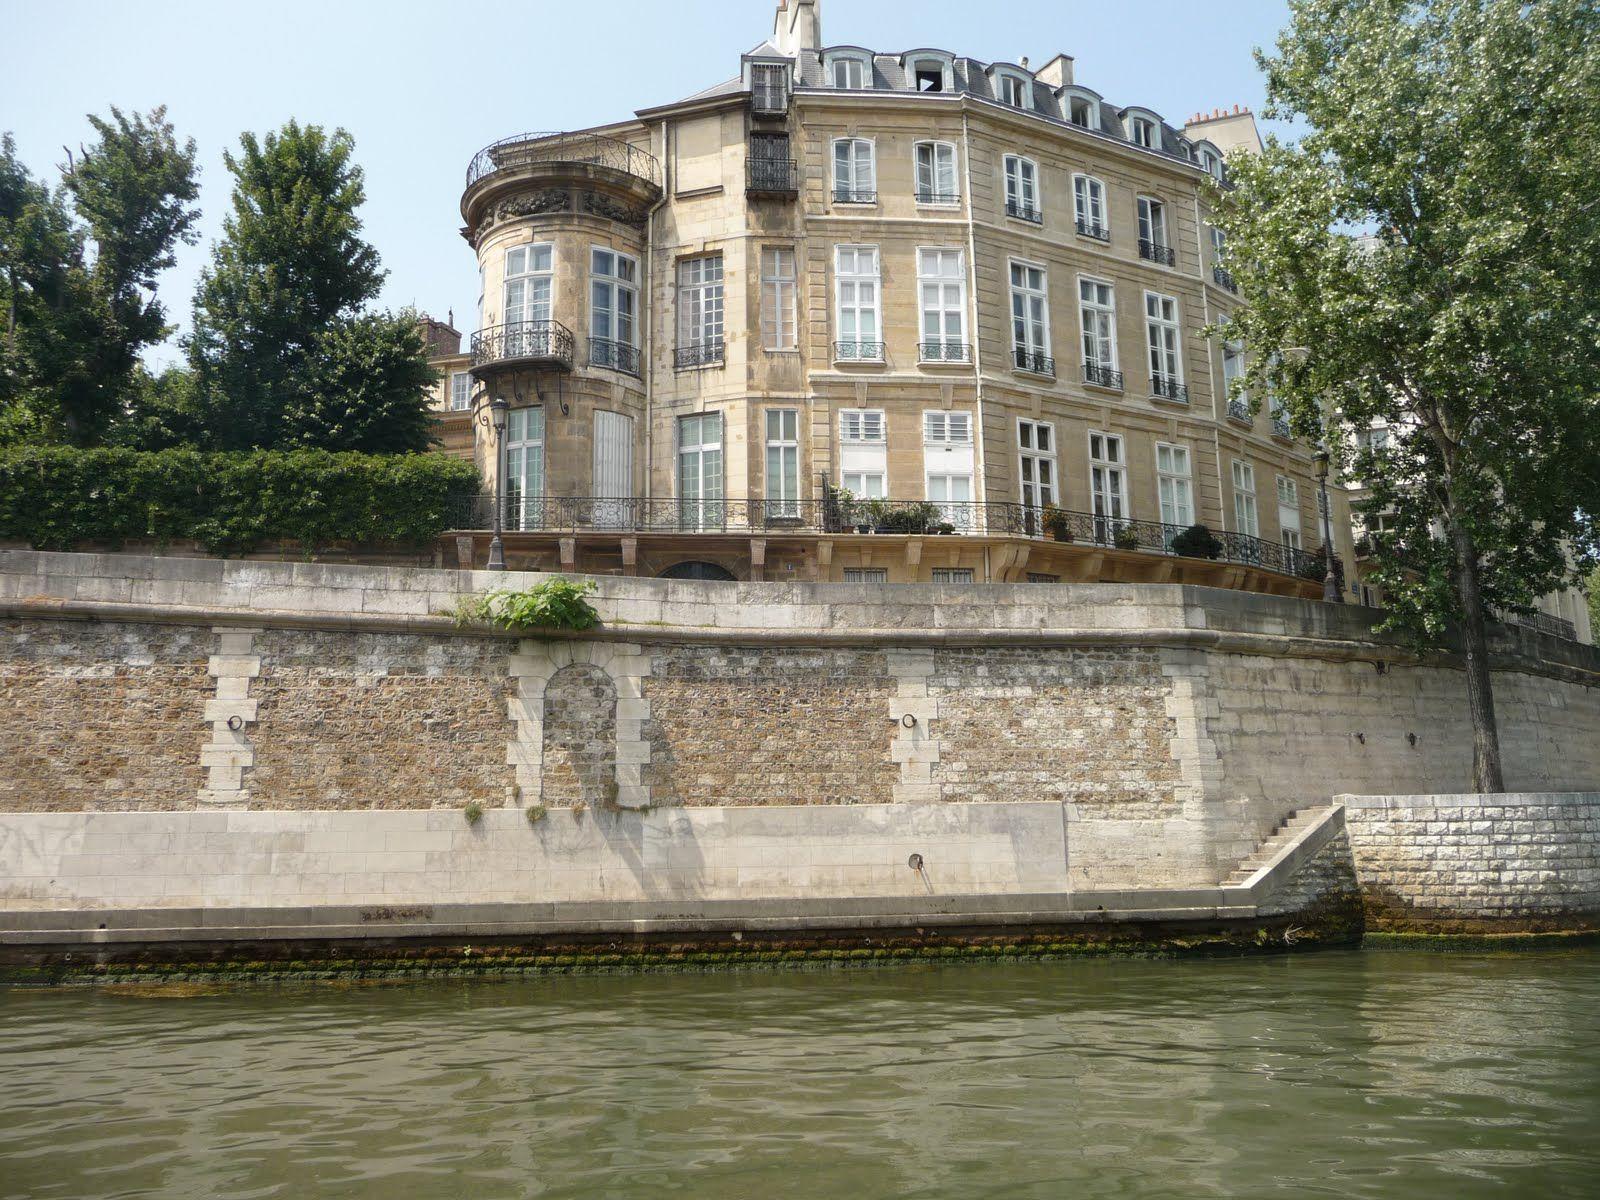 Hotel Lambert In Paris. Favorite Places & Spaces Paris